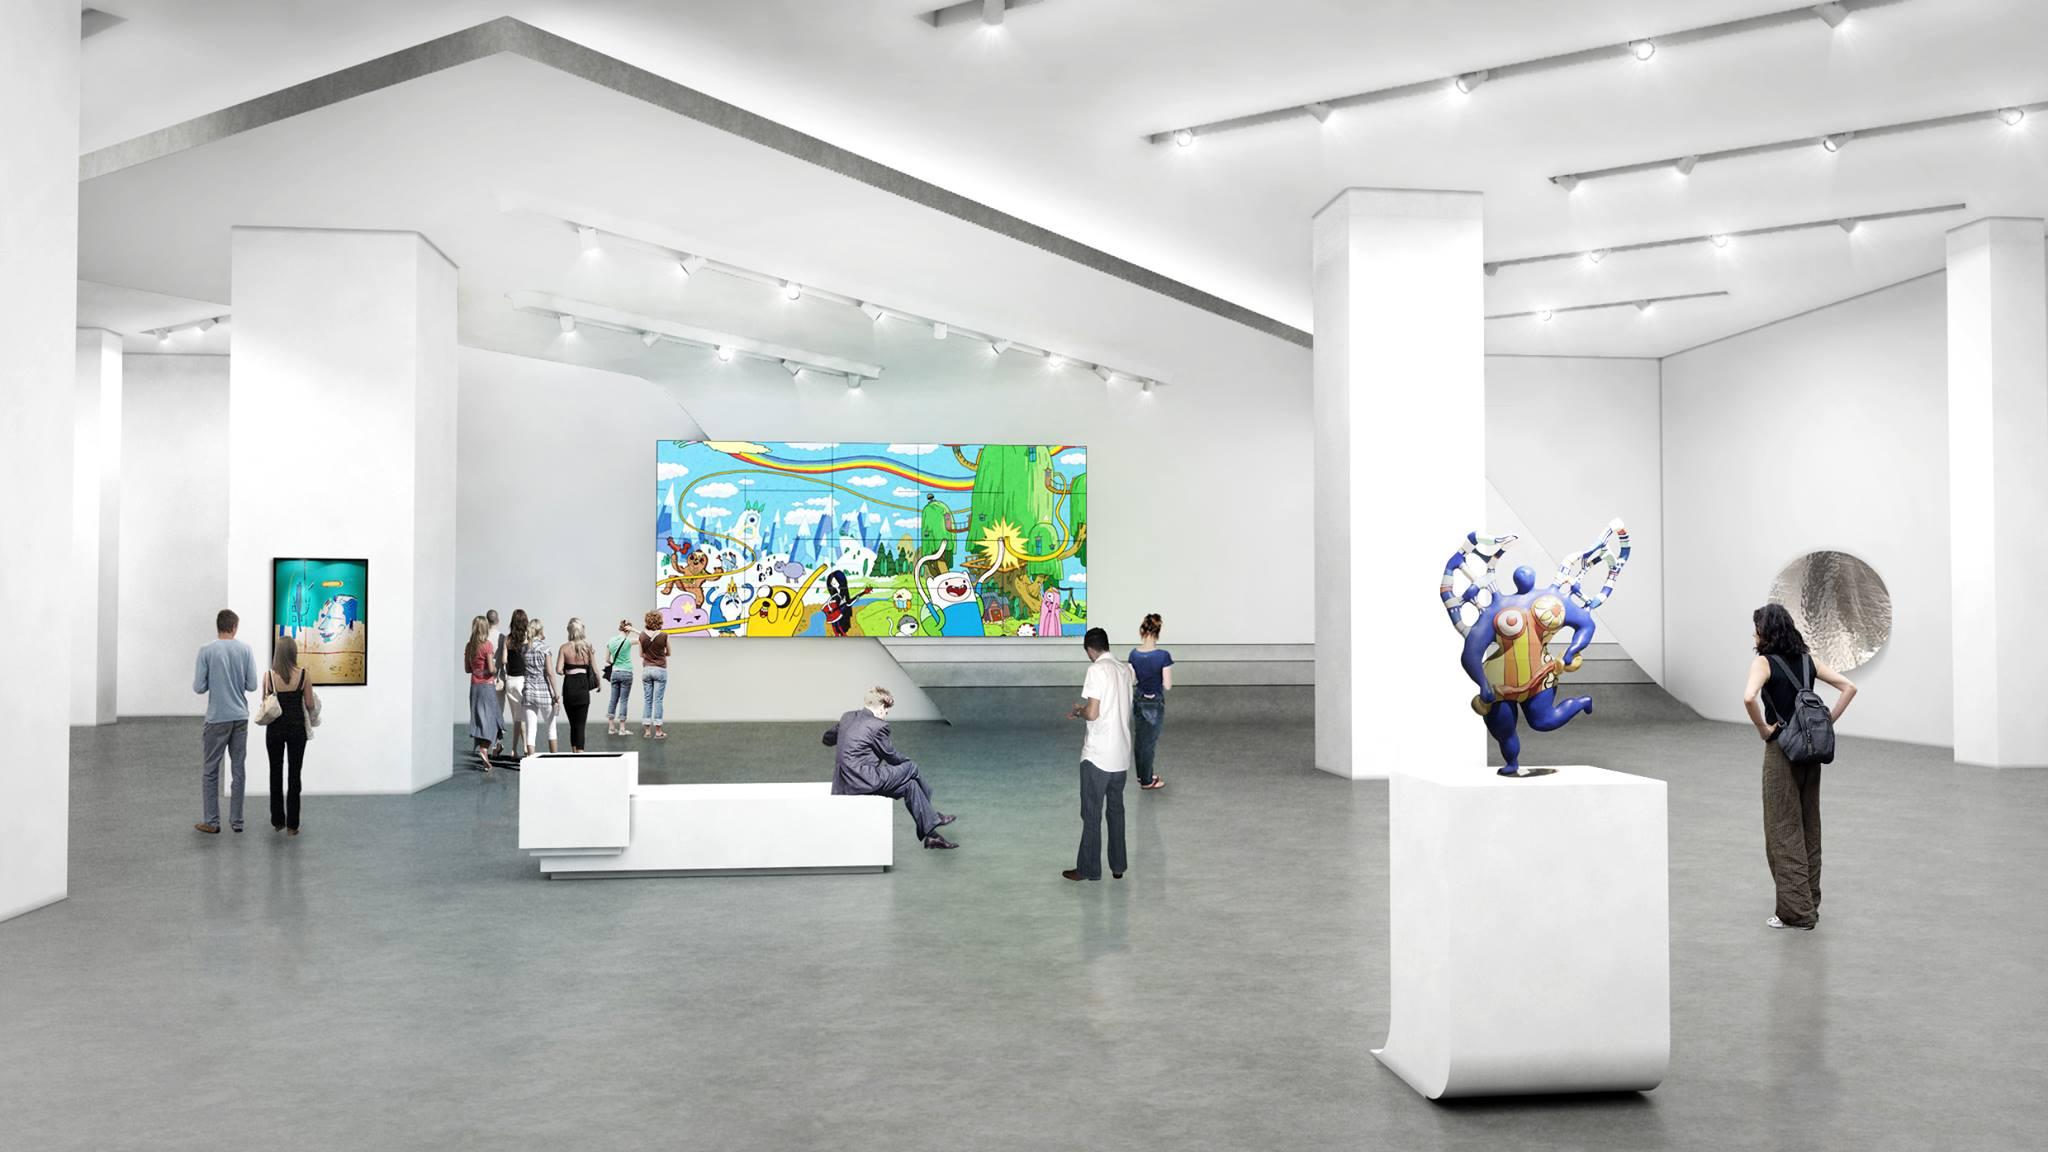 Museum MACAN bisa jadi tempat para seniman untuk bertukar inspirasi (foto: MACAN)